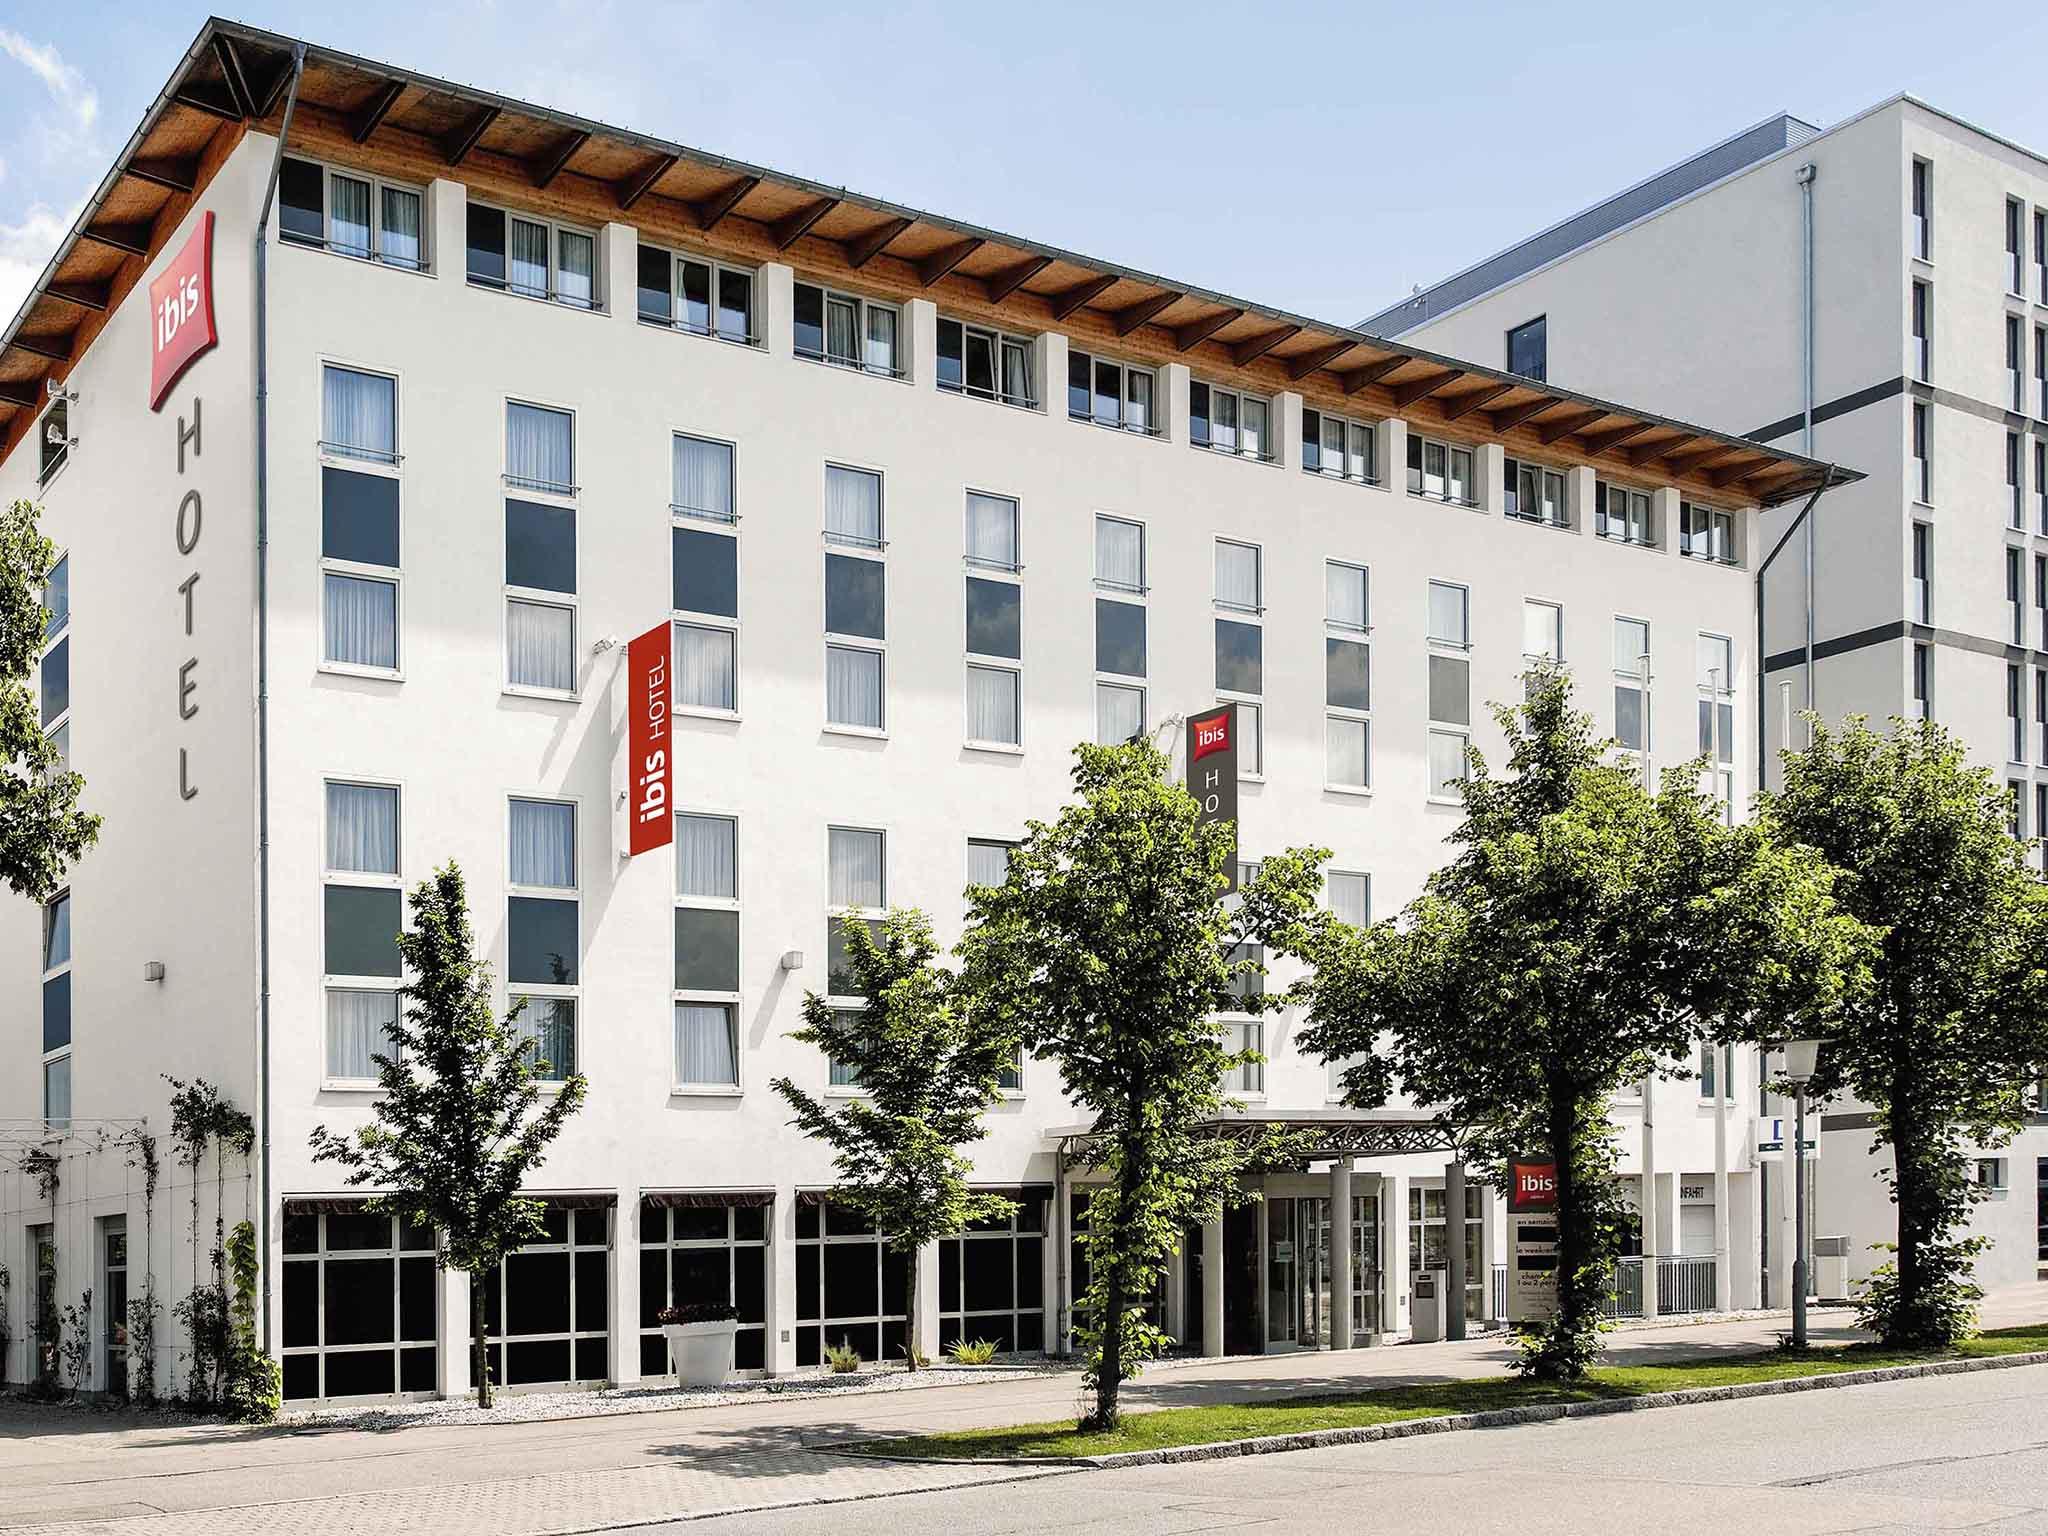 ホテル – イビスミュンヘンガルヒング